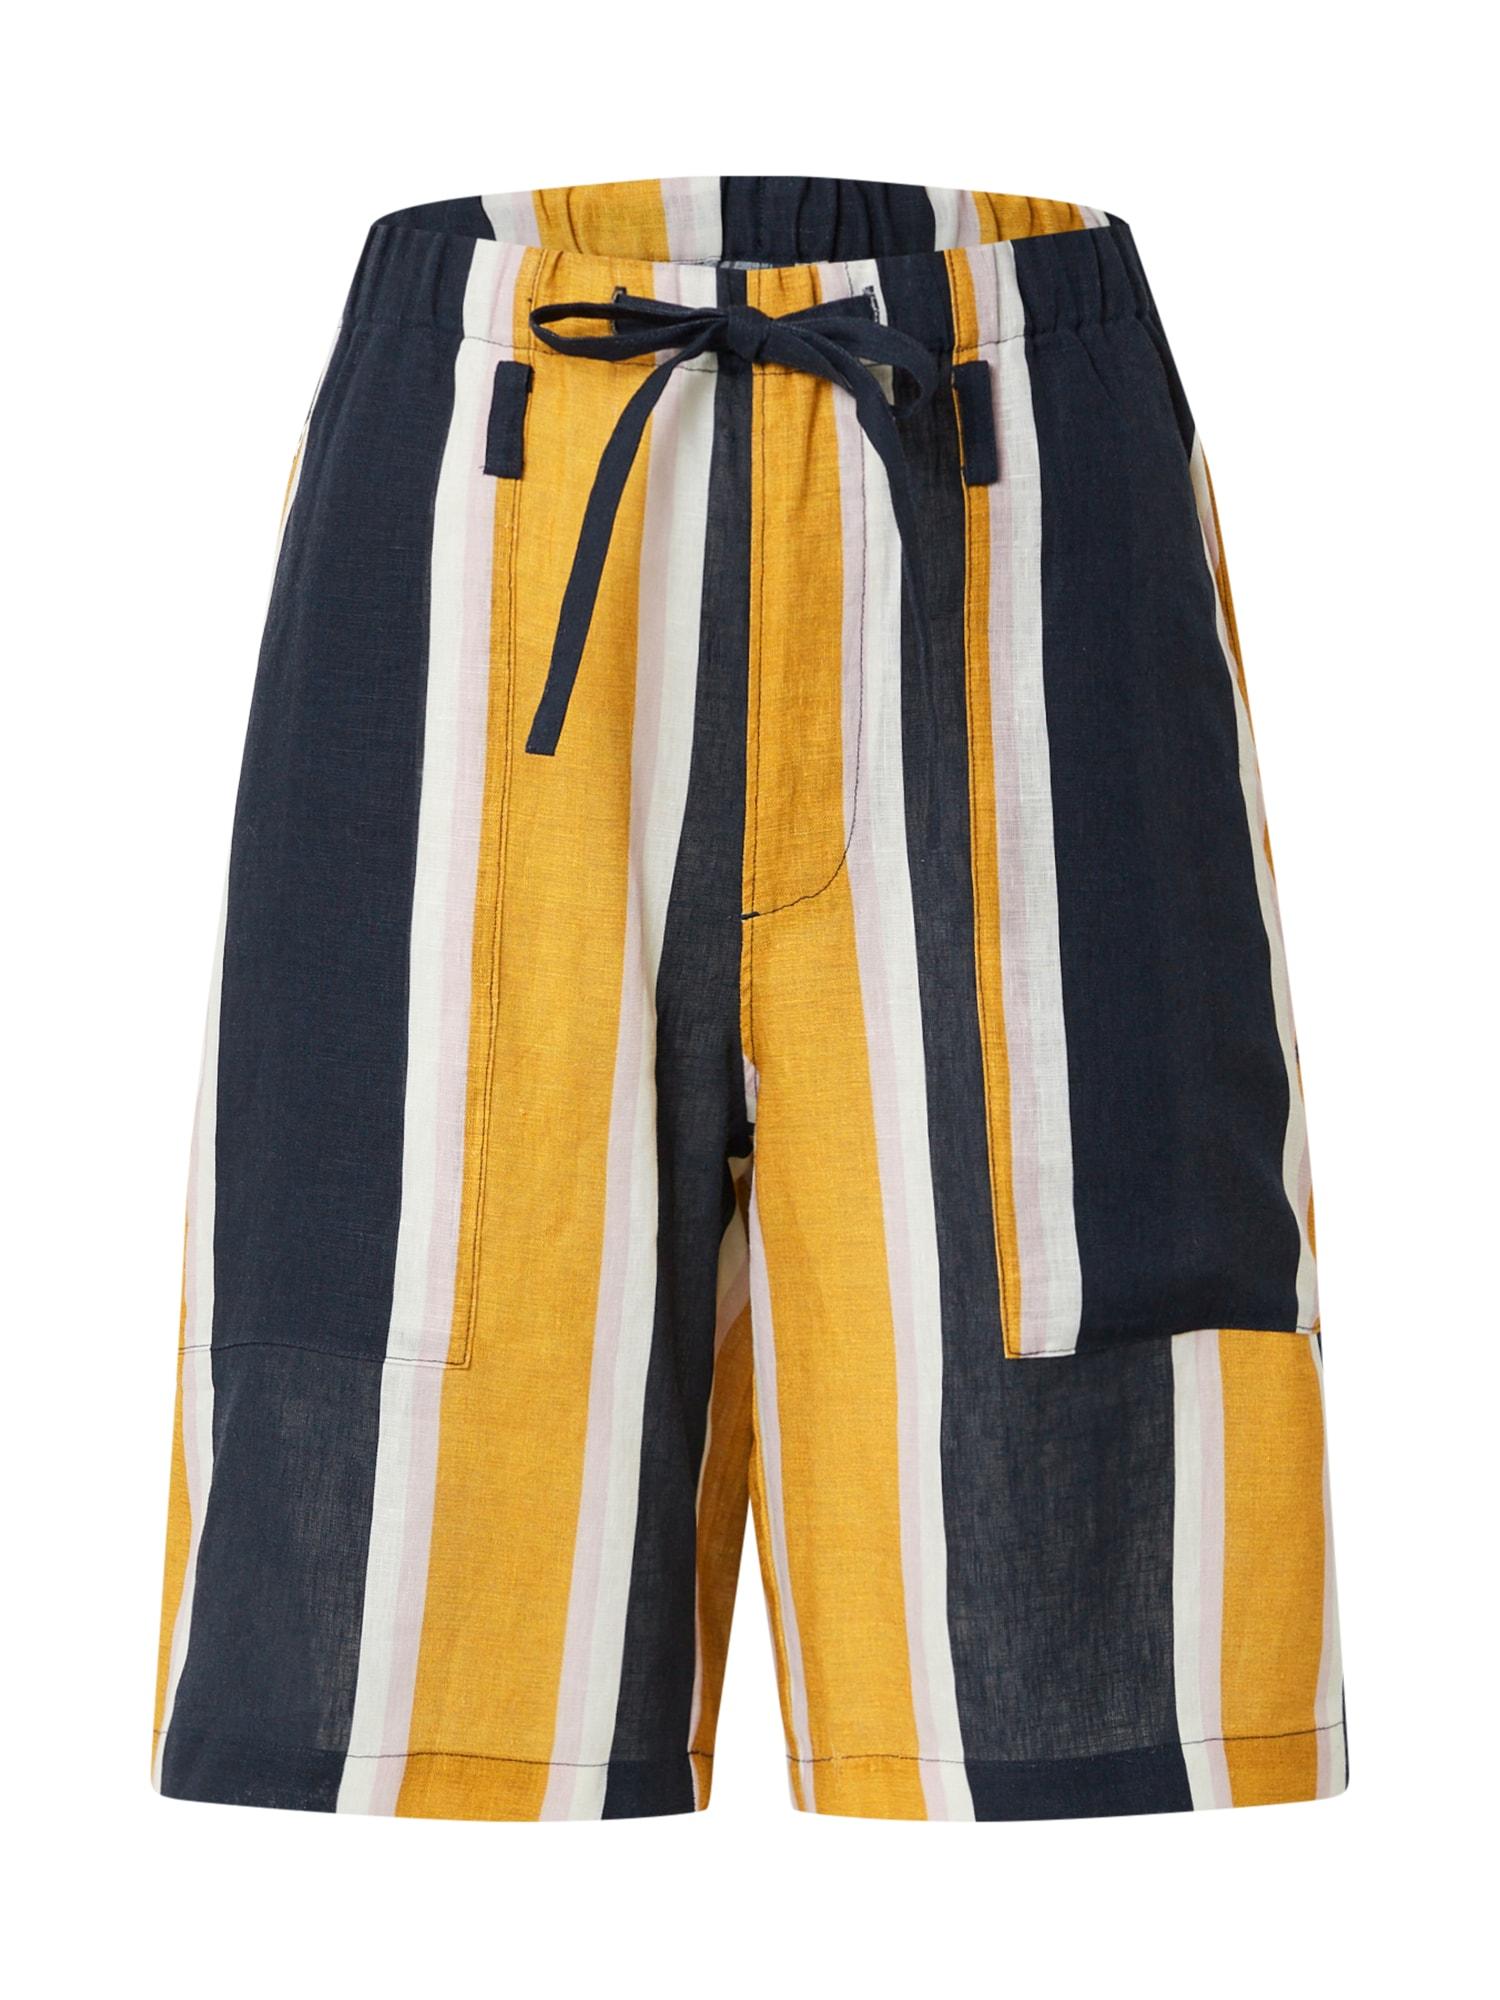 JNBY Kelnės tamsiai mėlyna / balta / aukso geltonumo spalva